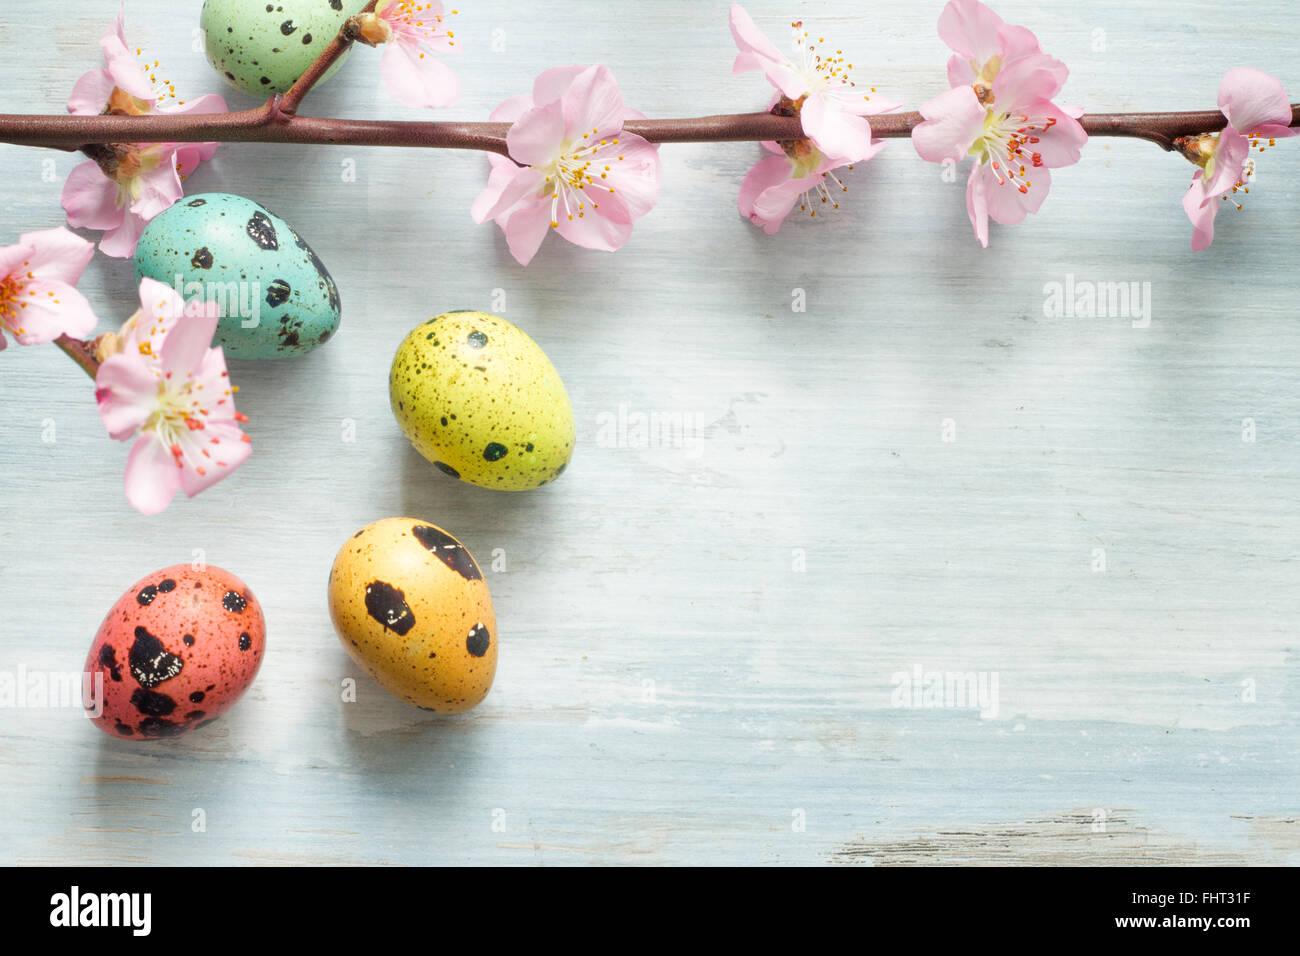 Huevos de Pascua de flores de cerezo y abstracto de fondo retro Imagen De Stock